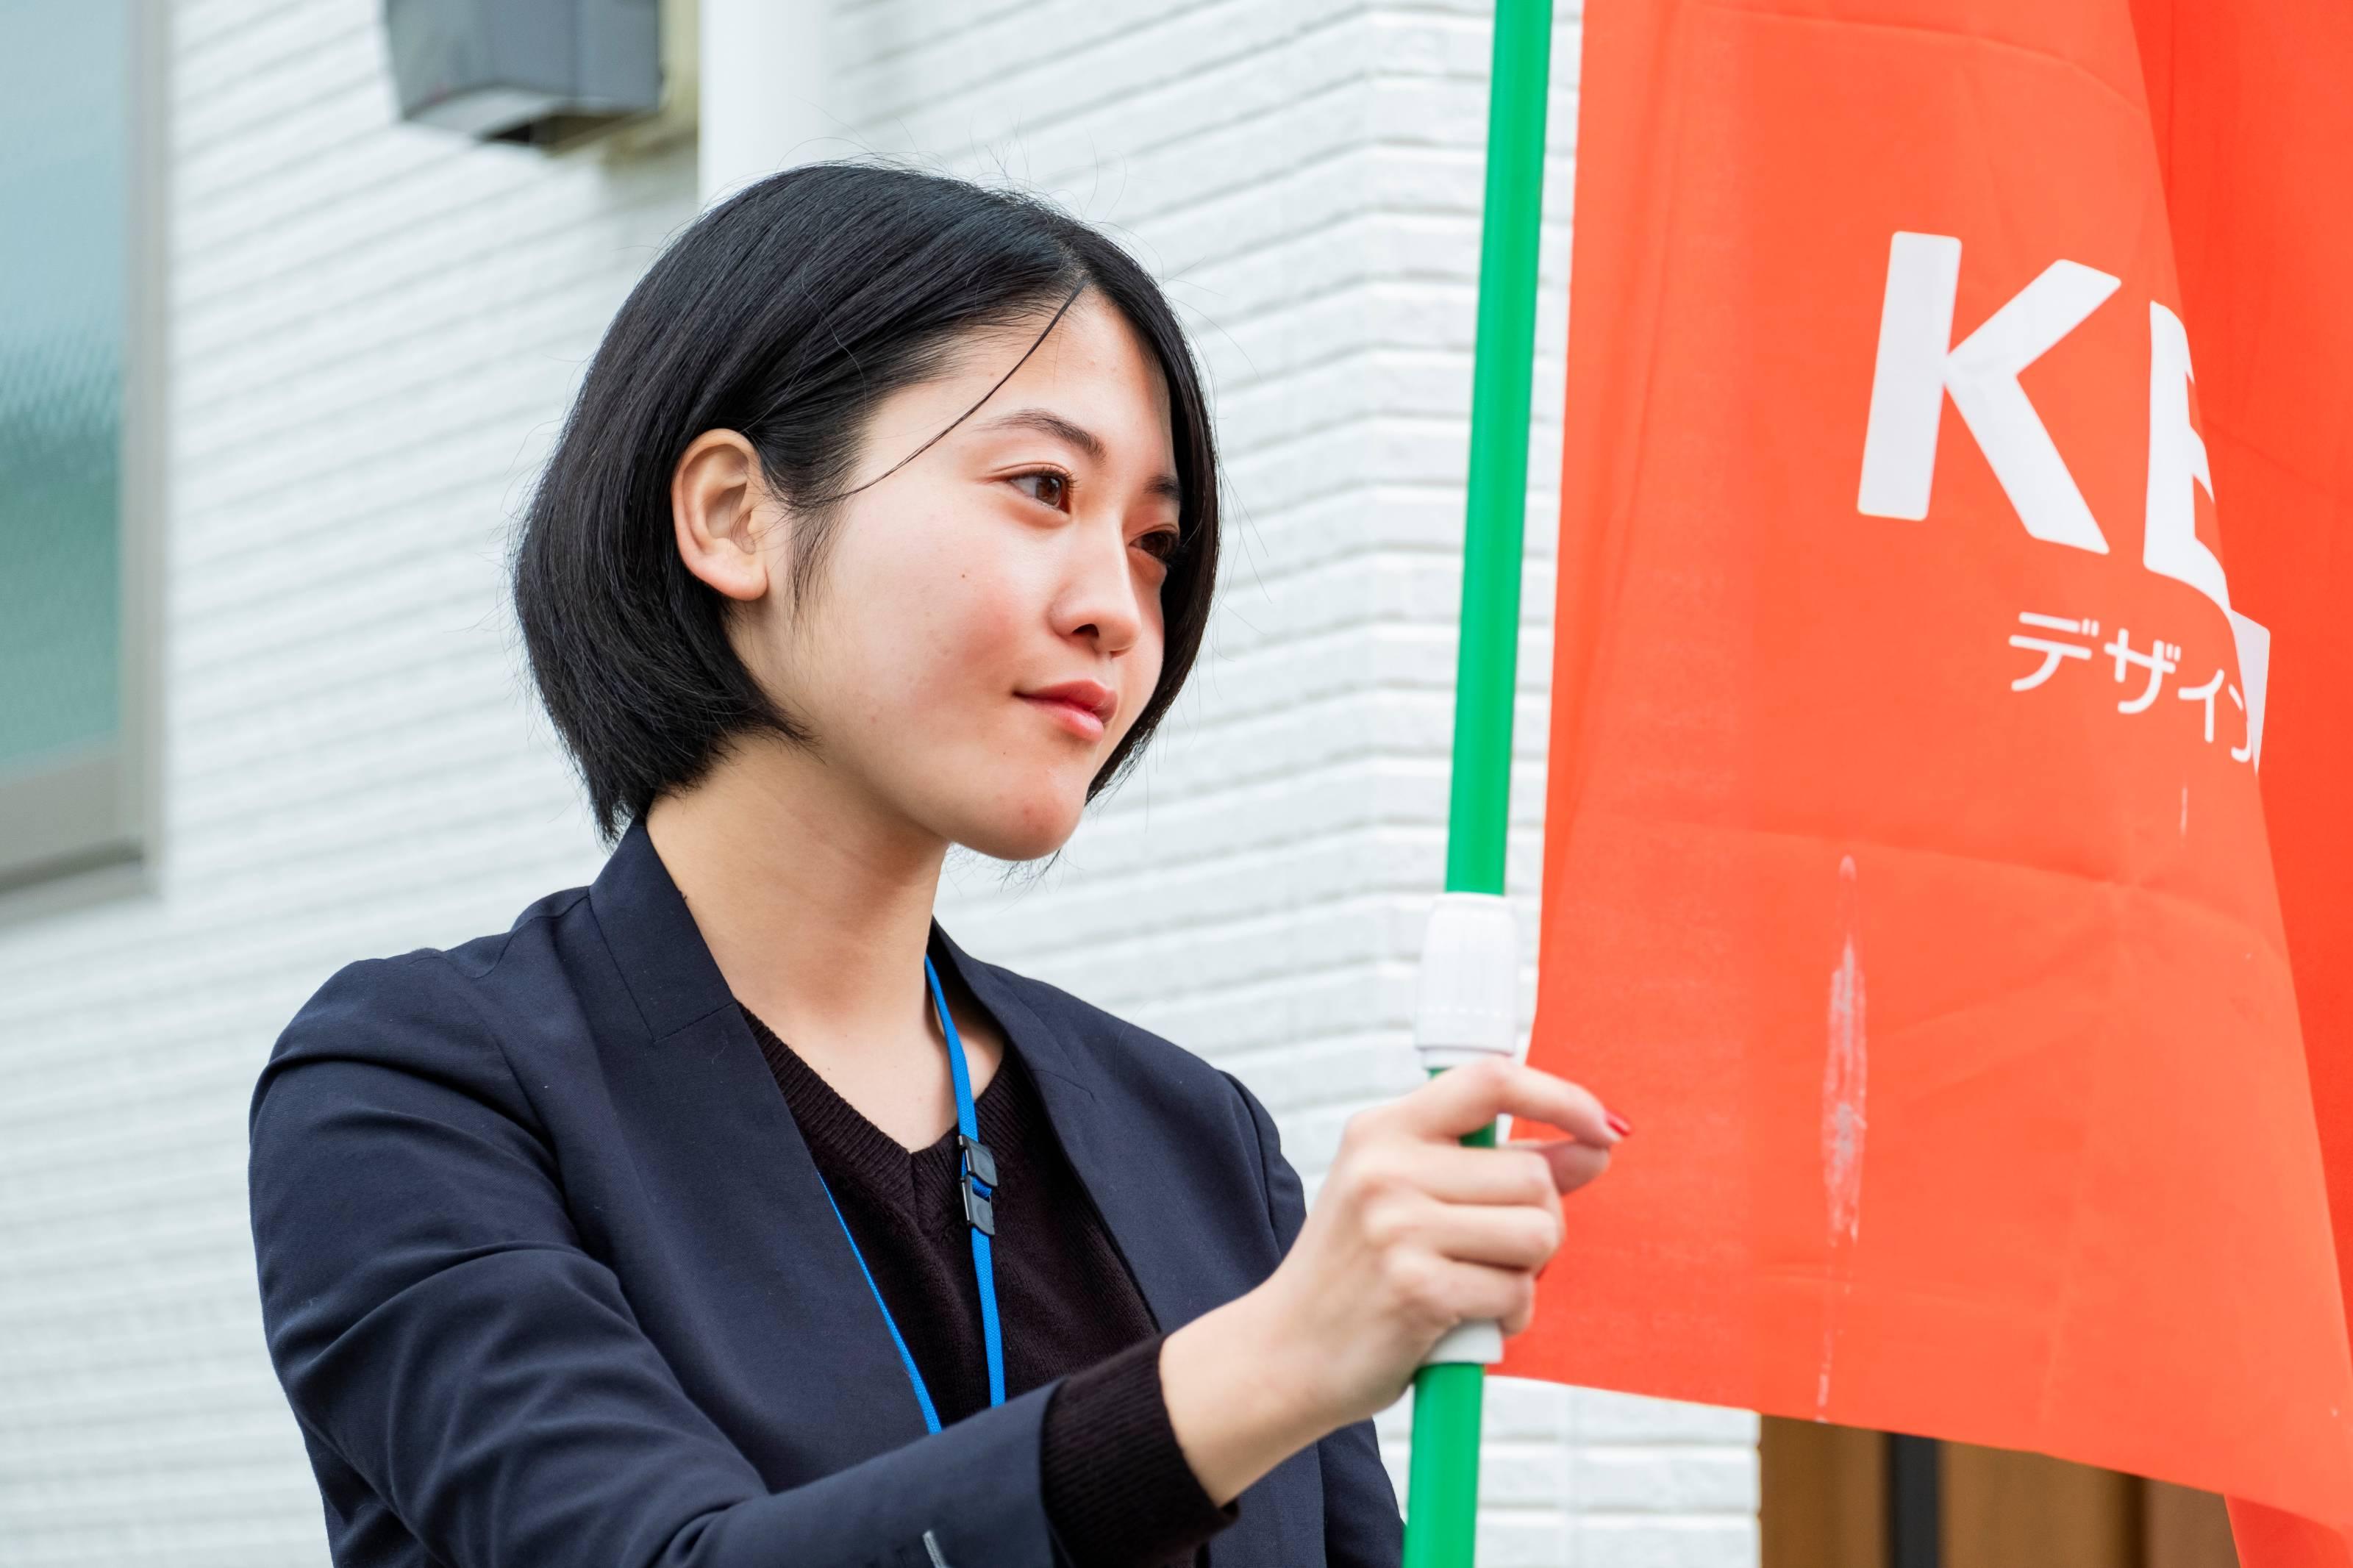 ケイアイスター不動産株式会社|東証一部上場・働きがいのある会社選出